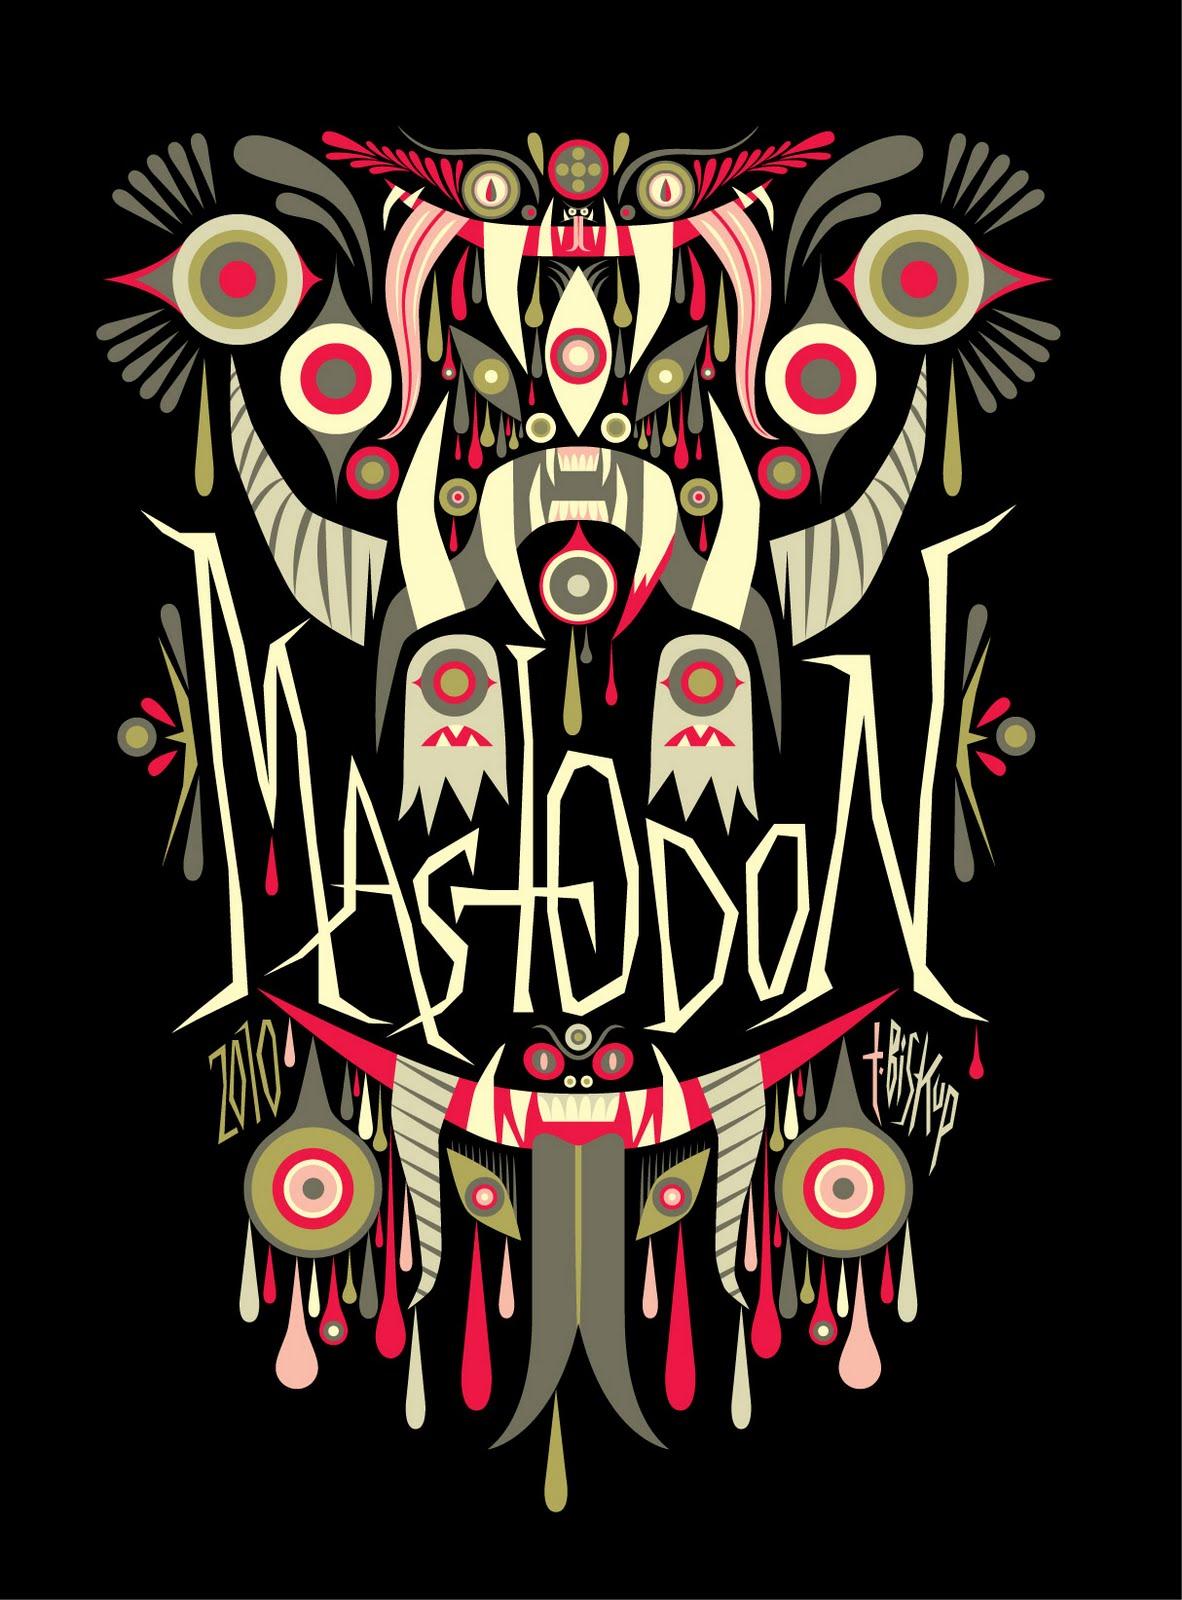 Tim Biskup S Blog Mastodon Hoodie